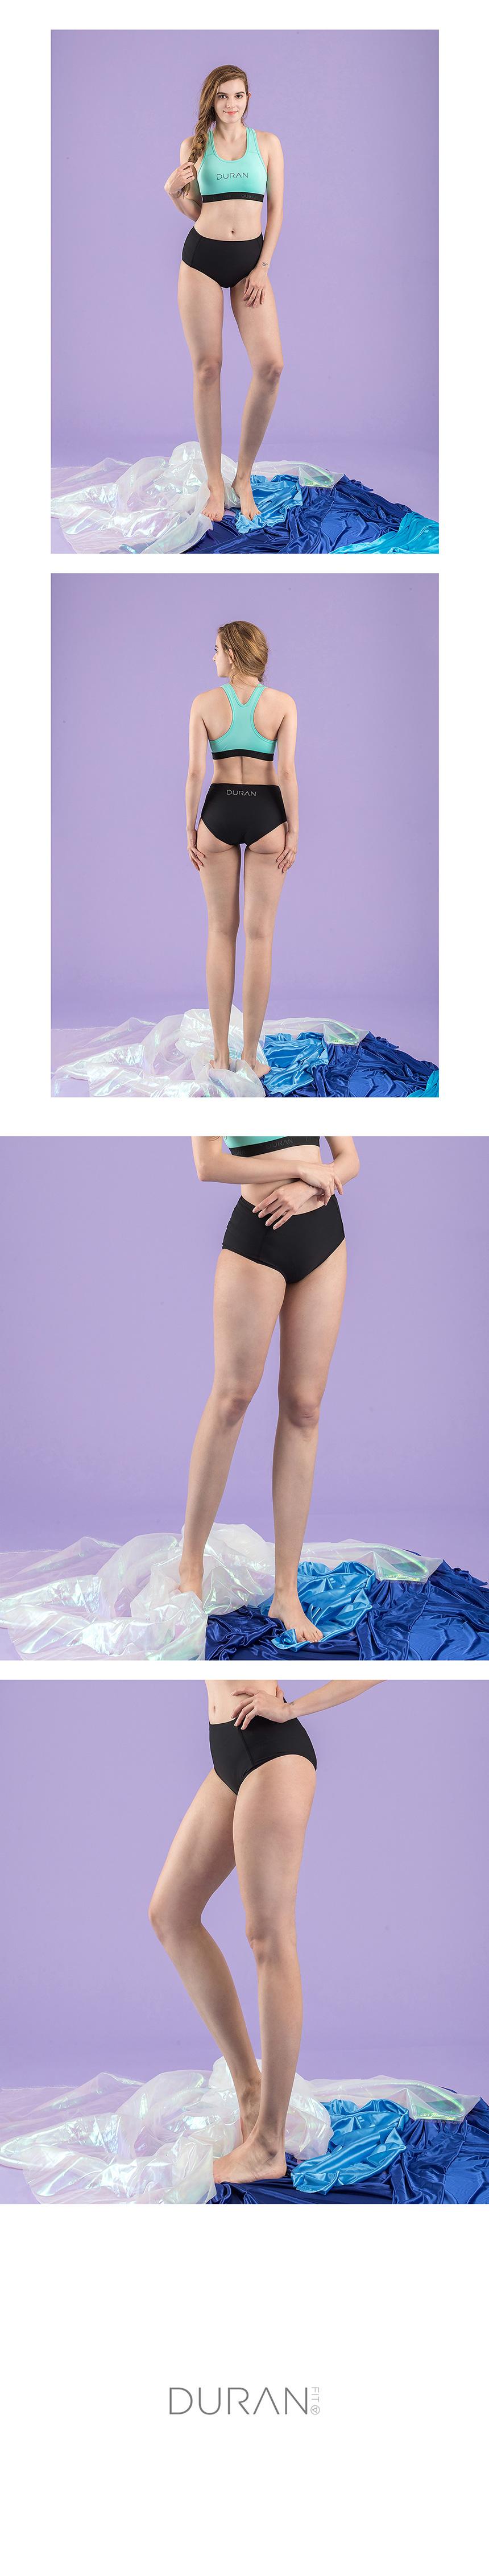 DURAN 나리아 여성 수영복 하이비키니 팬티 DSW4004 - 뒤란, 25,000원, 여성비치웨어, 비키니